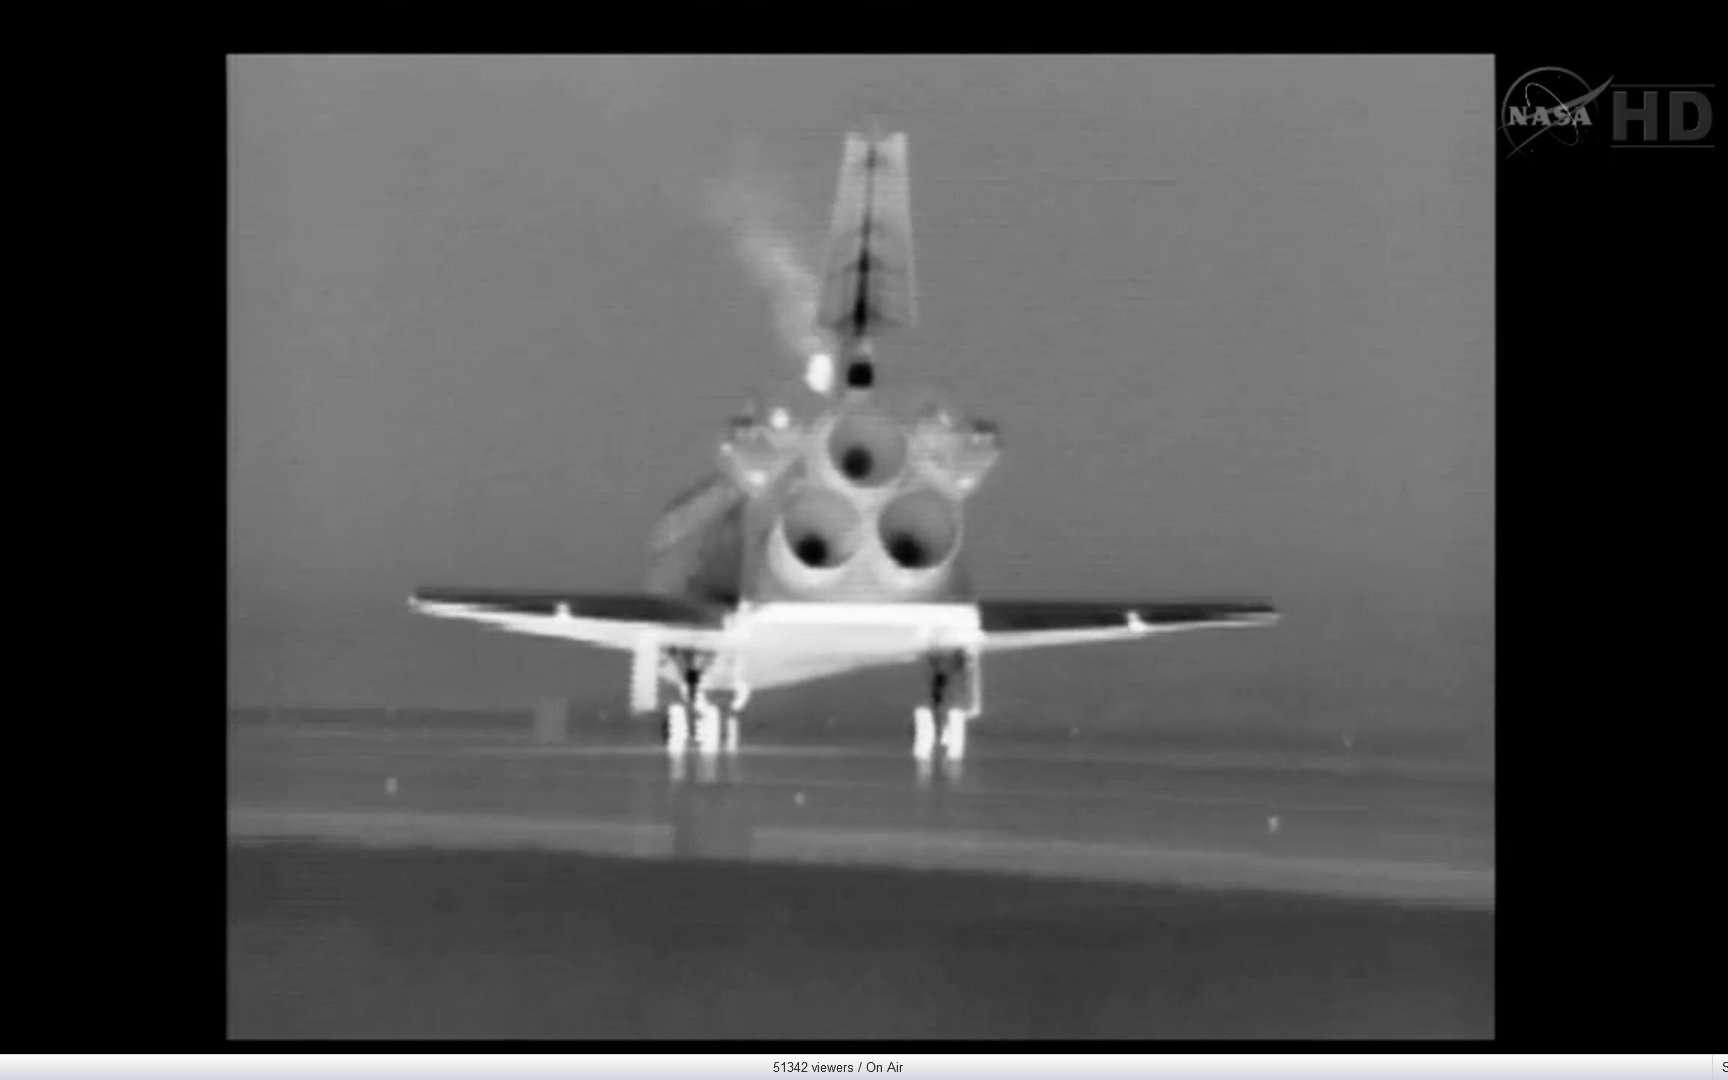 Atlantis sur la piste 15 du Centre spatial Kennedy, 21 juillet 2011, 9 h 57 TU. © Nasa TV